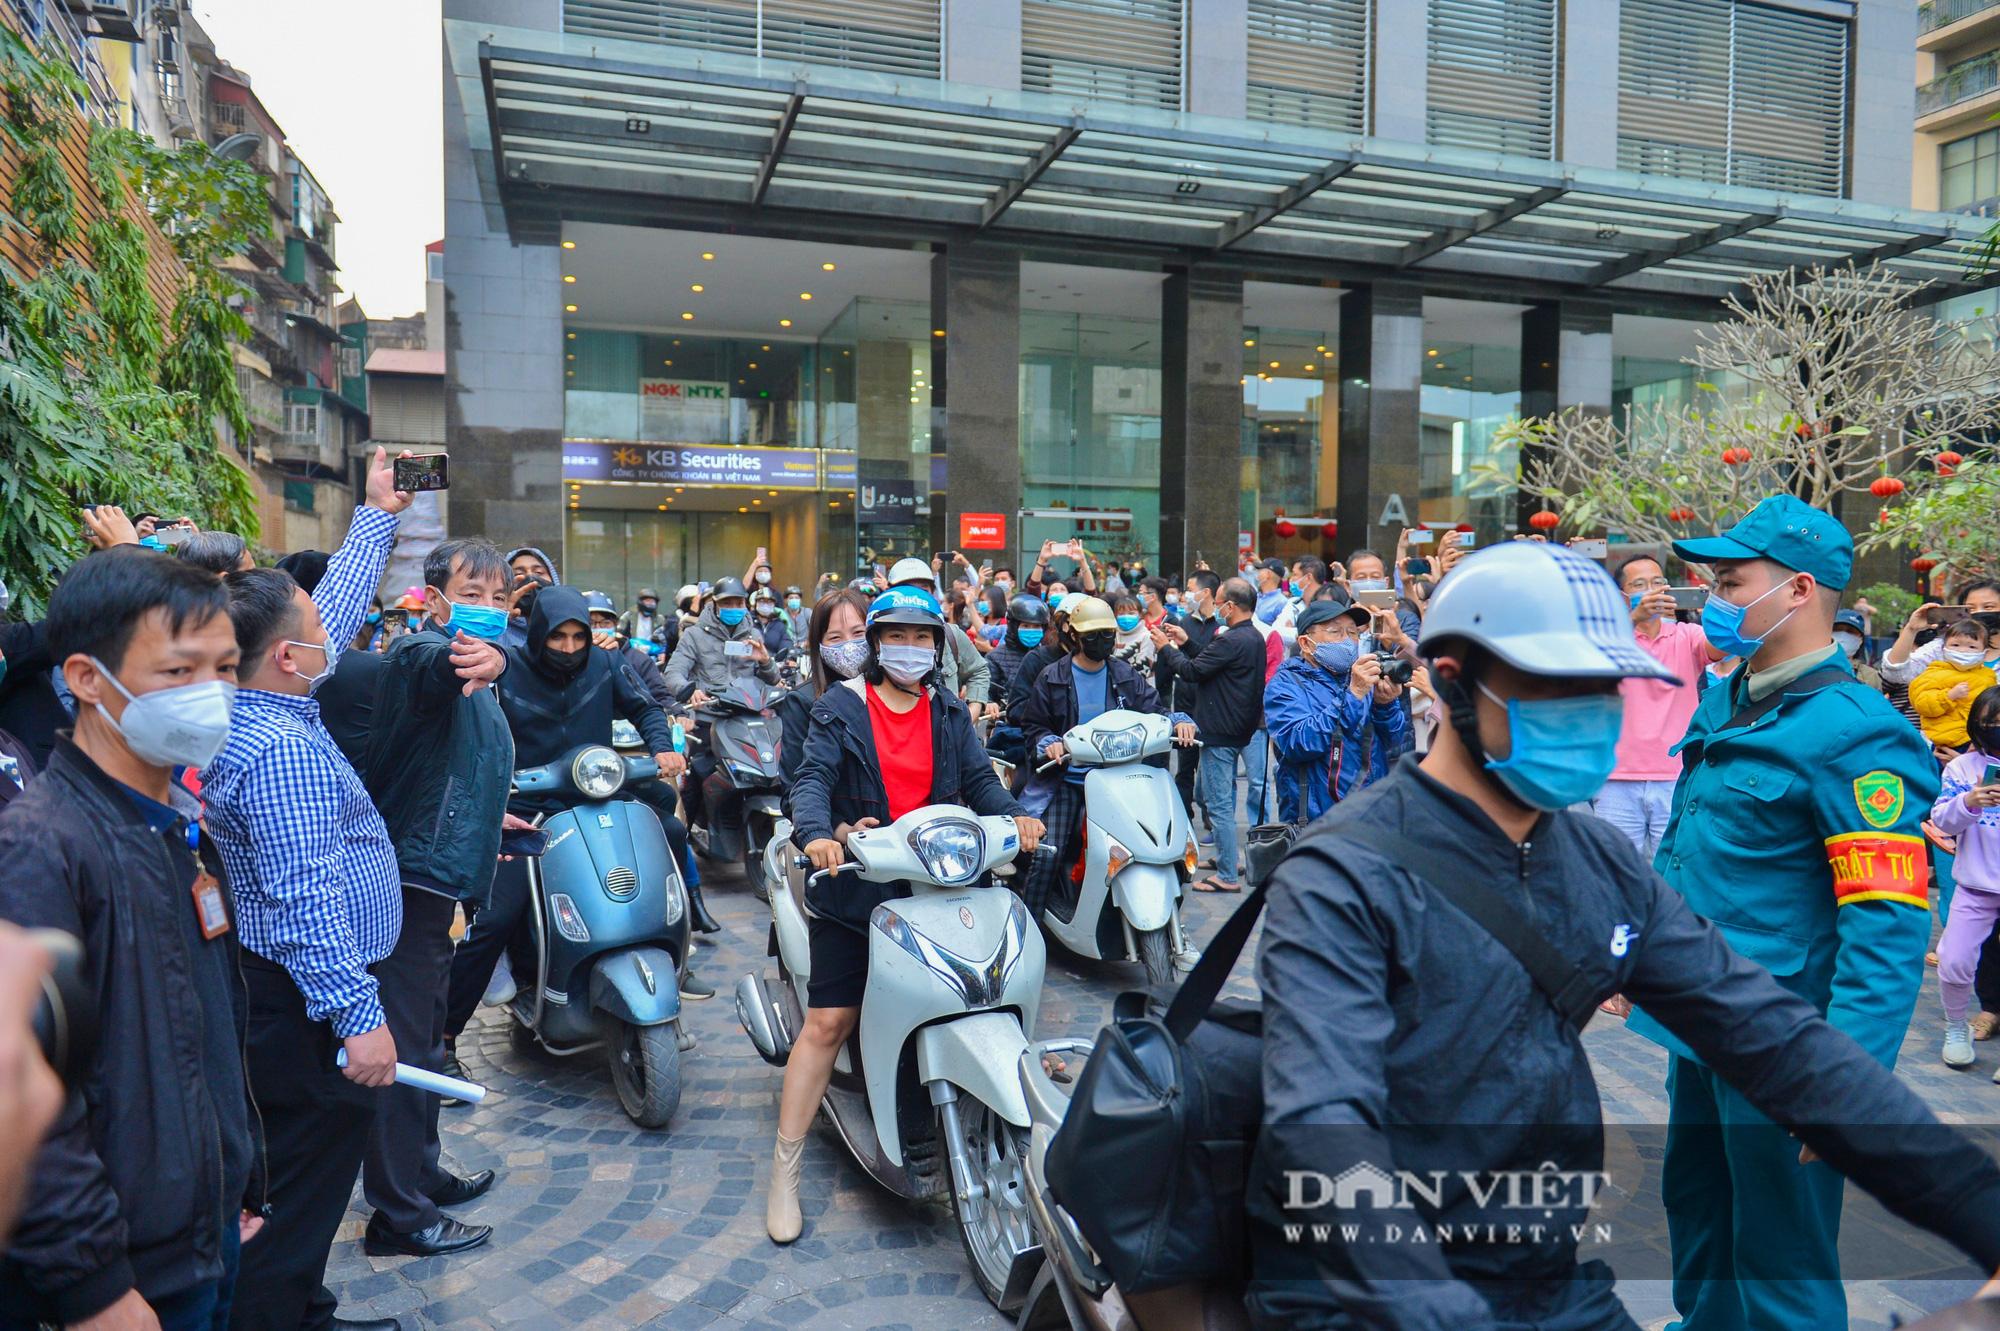 Dỡ cách ly cho gần 1.000 cư dân tại số 88 Láng Hạ - Ảnh 9.